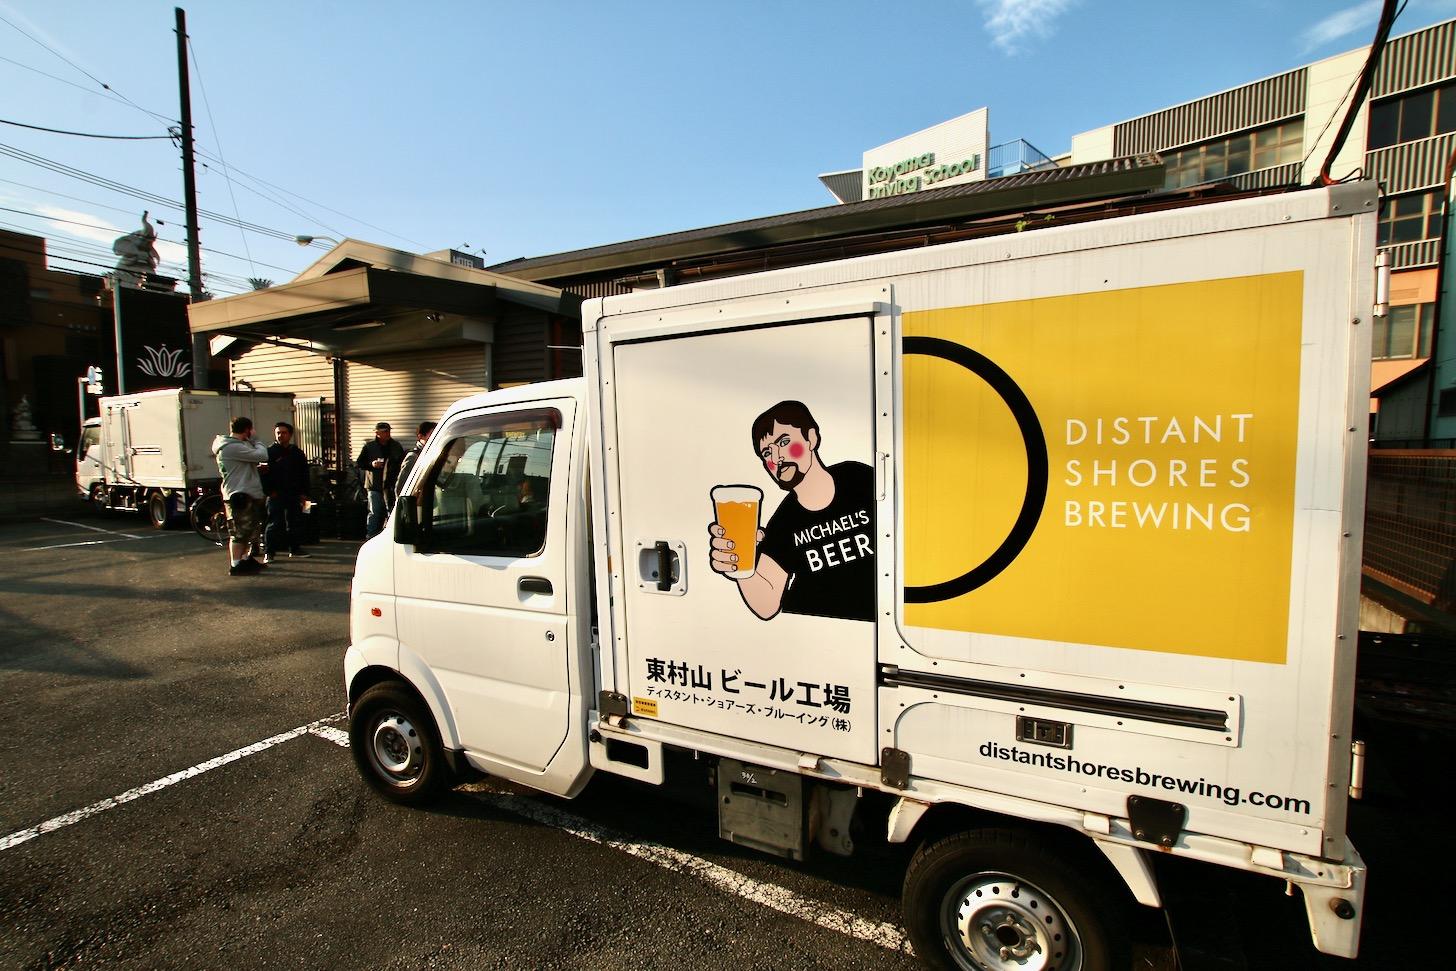 ディスタント・ショアーズ・ブルーイング 多摩エリアの日本酒酒造を巡るインバウンドモニターツアー